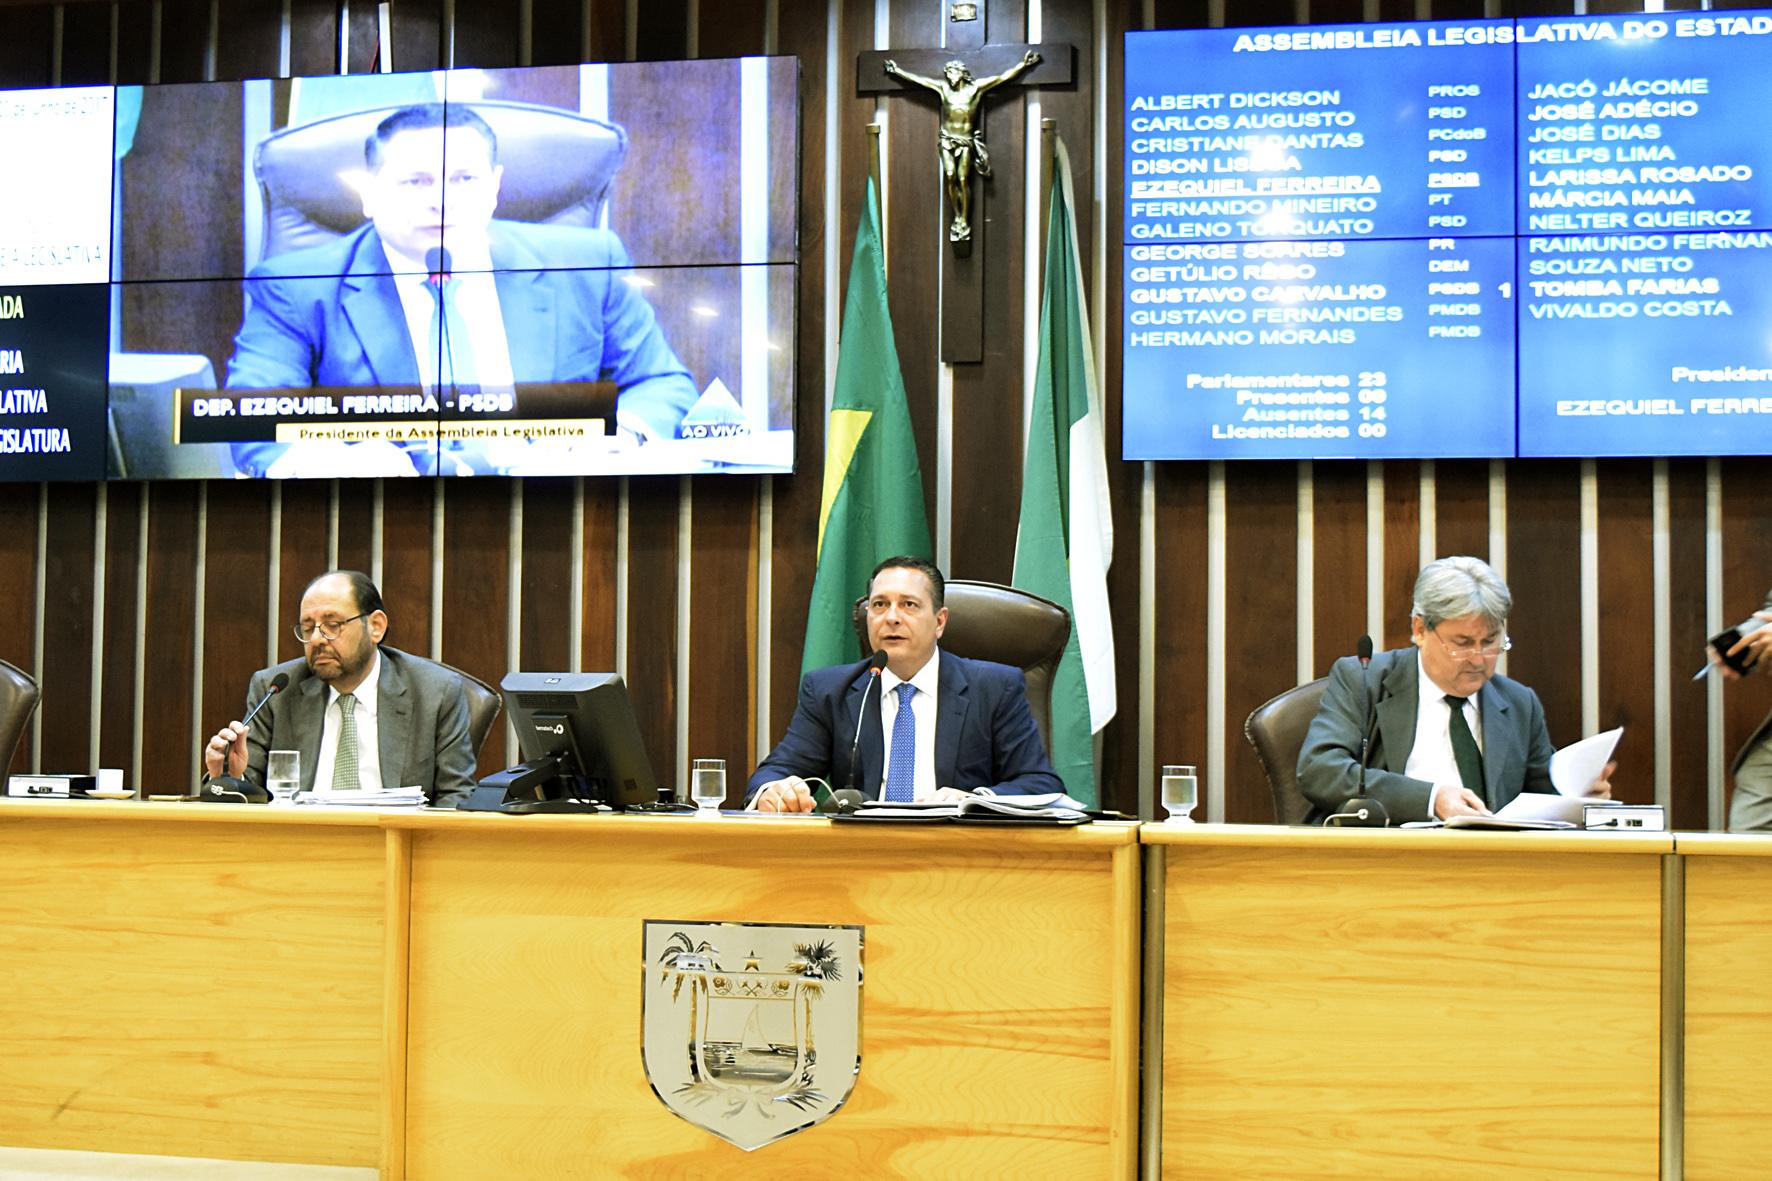 EZEQUIEL FERREIRA APRESENTA MOÇÃO DE PESAR PELA EX-GOVERNADORA WILMA DE FARIA